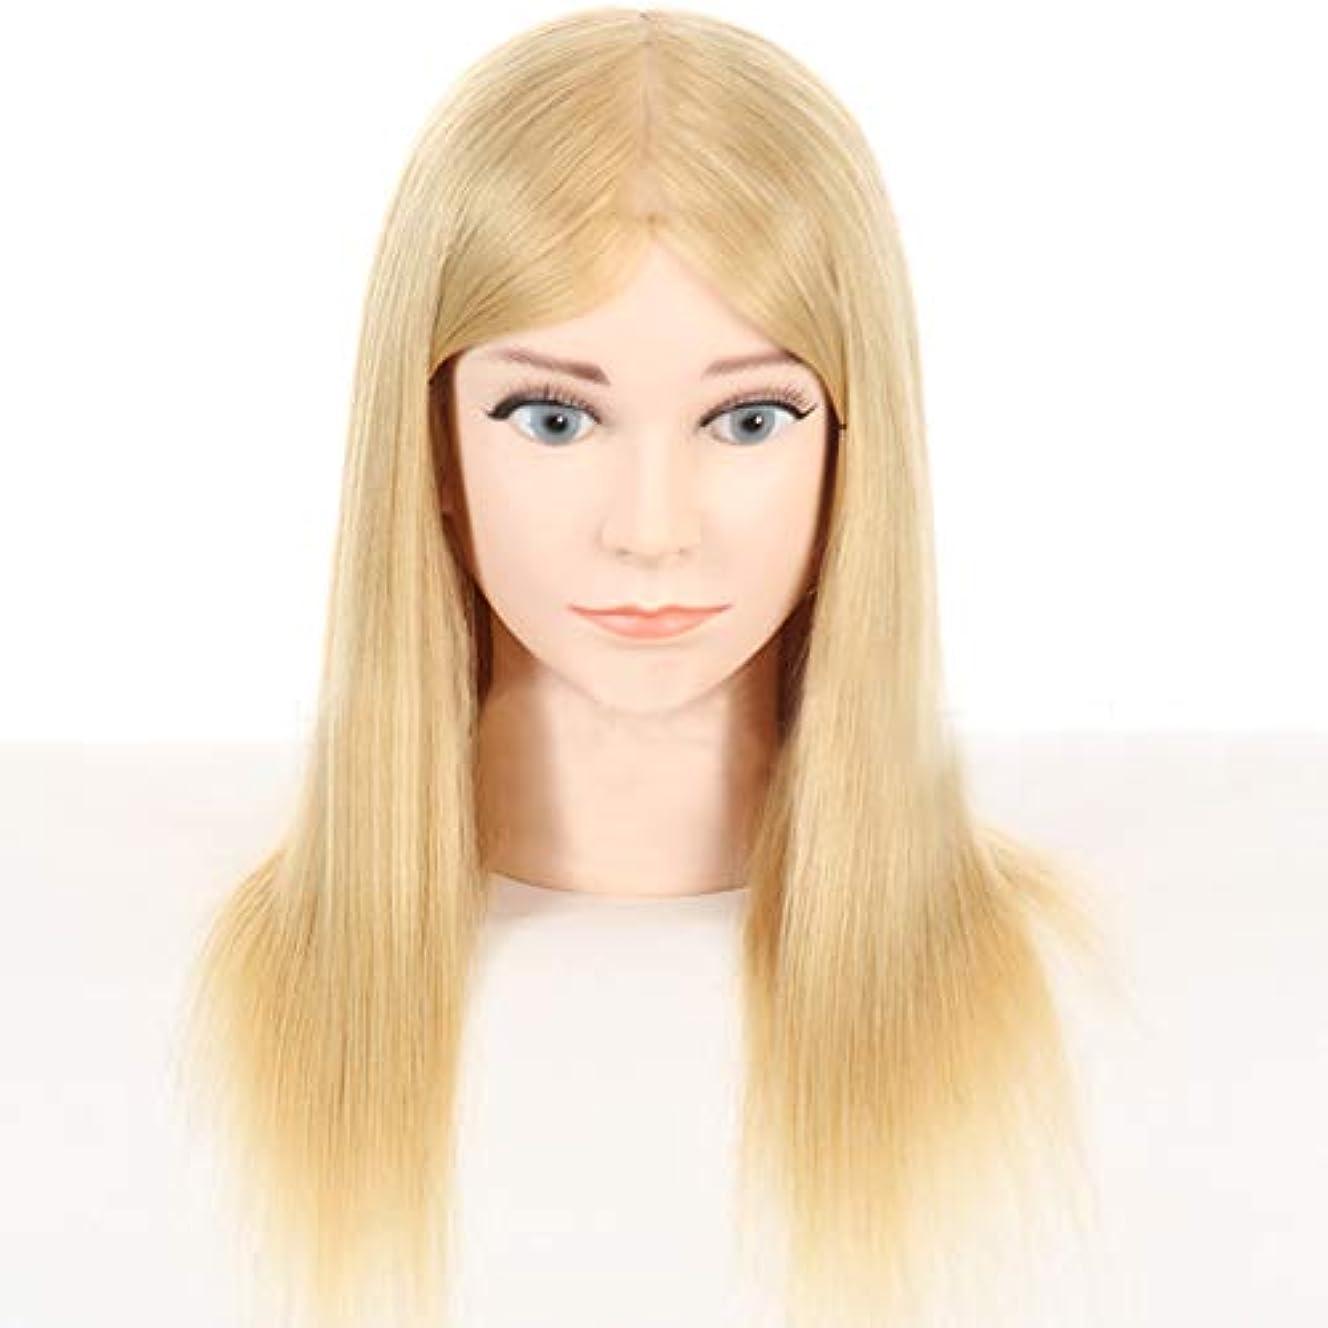 うなり声揺れるリボン本物の人間の髪のかつらの頭の金型の理髪の髪型のスタイリングマネキンの頭の理髪店の練習の練習ダミーヘッド